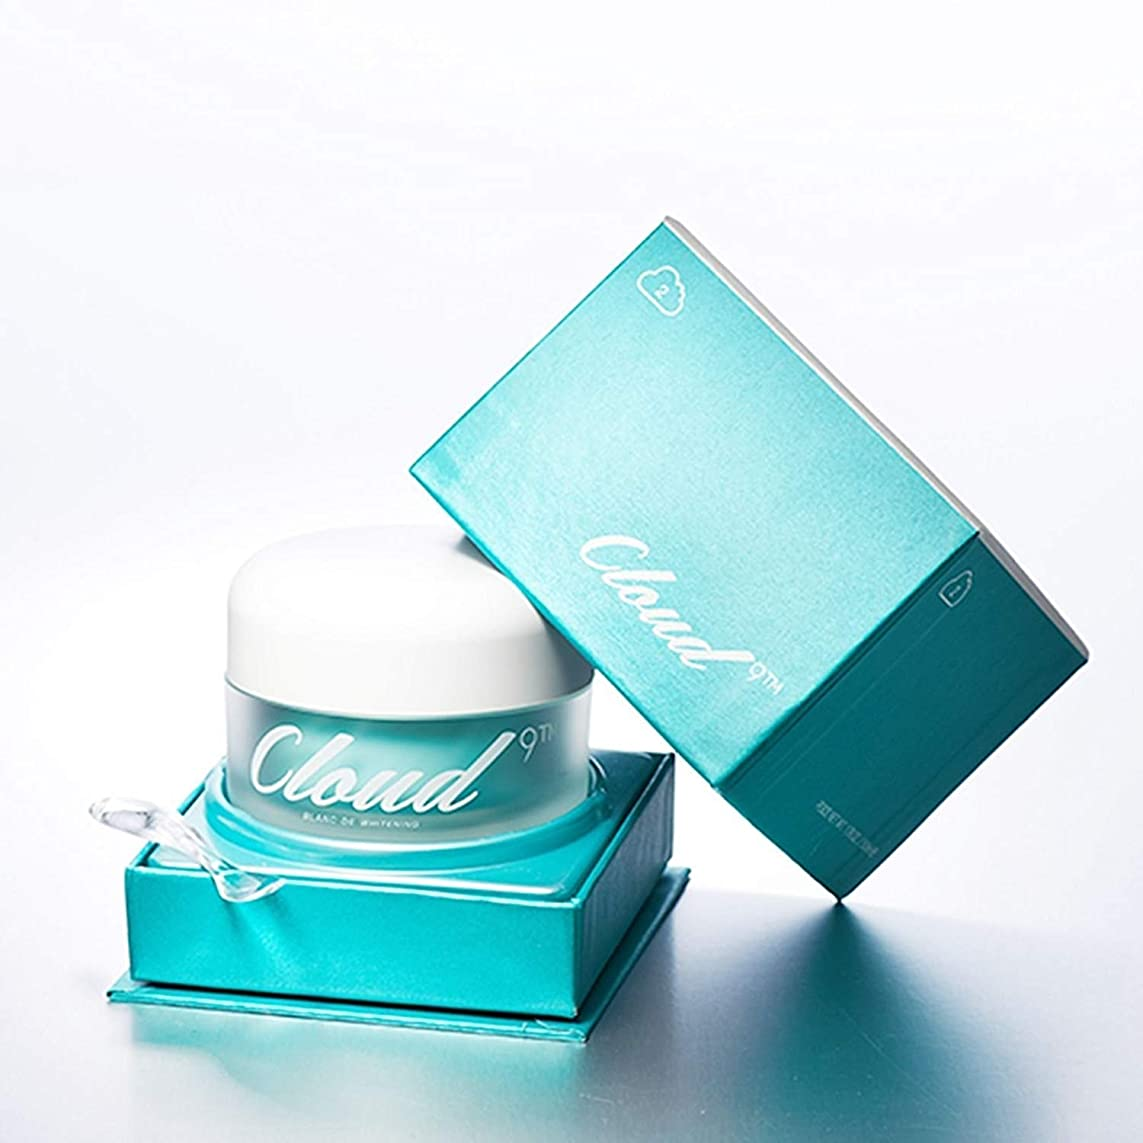 高音小説家カフェCLOUD 9 クラウド?ナイン ホワイトニングクリーム (White Moisture Cream) 海外直送品